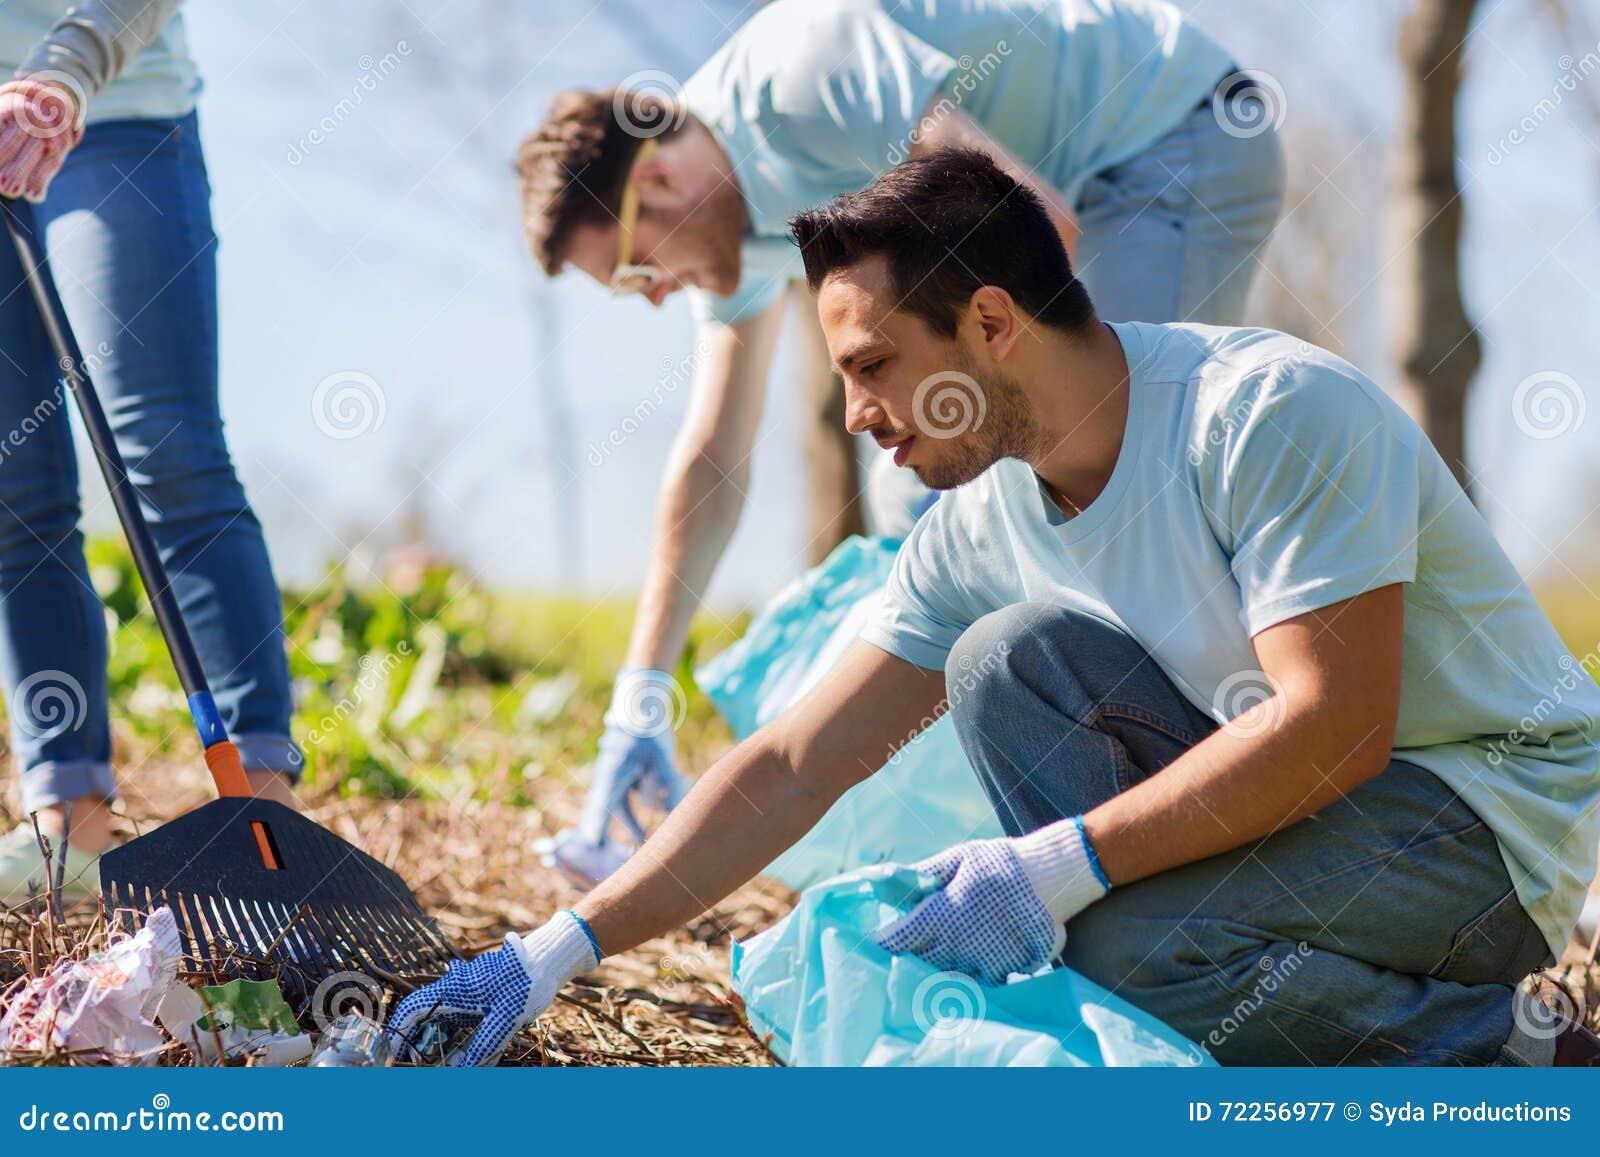 Волонтеры при сумки отброса очищая район парка